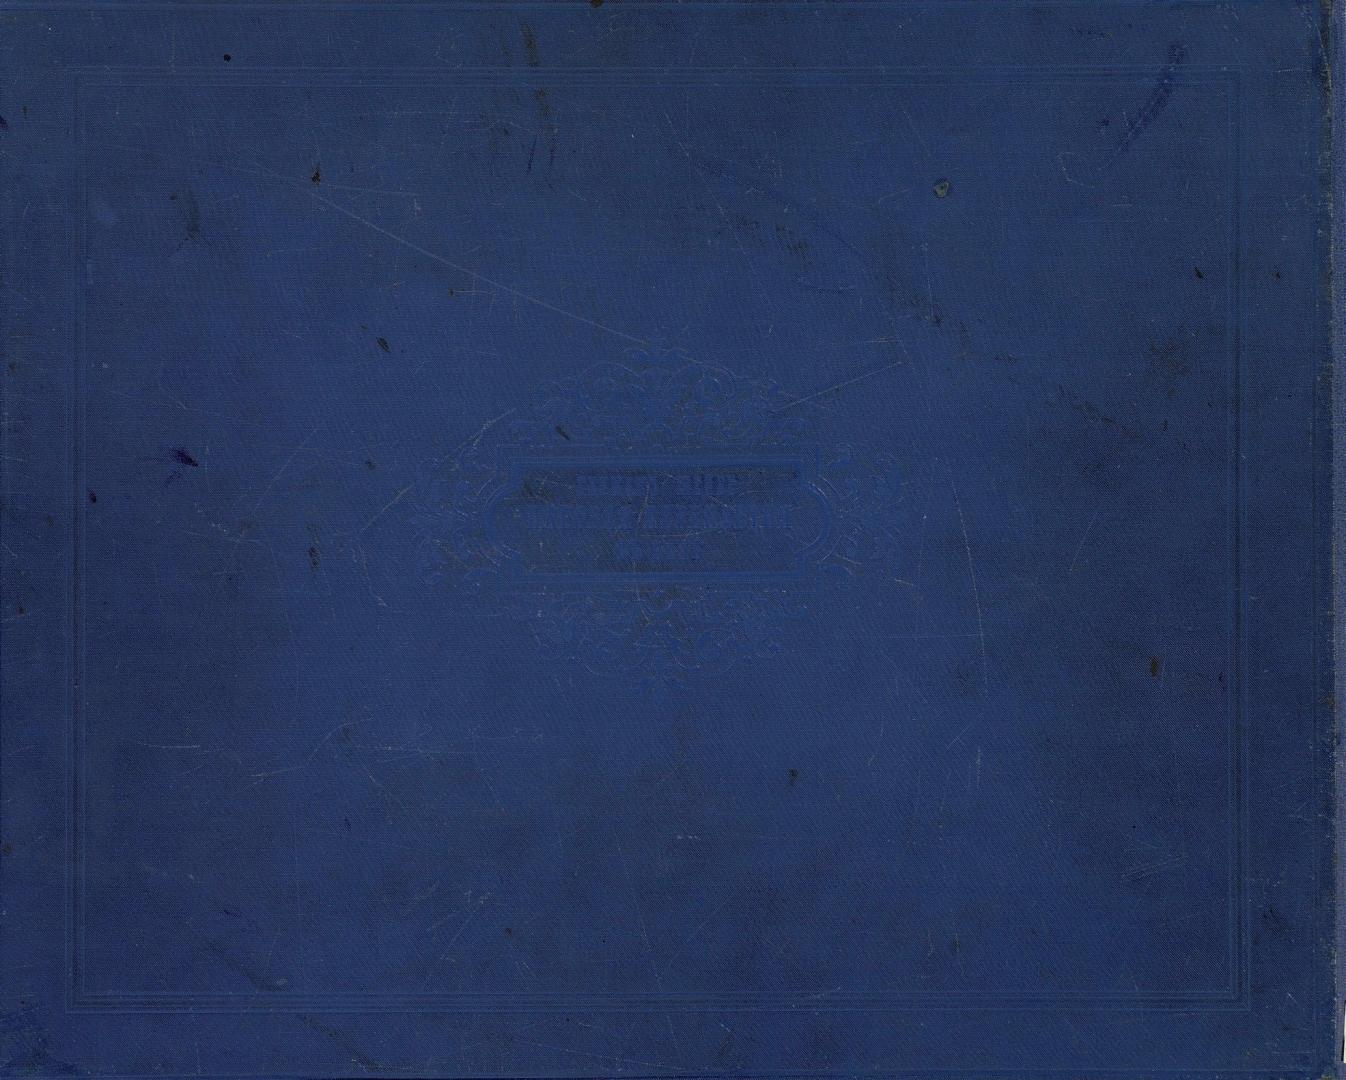 Альбом «Великий путь. Виды Сибири и Великой сибирской железной дороги». Задняя крышка обложки. 1899